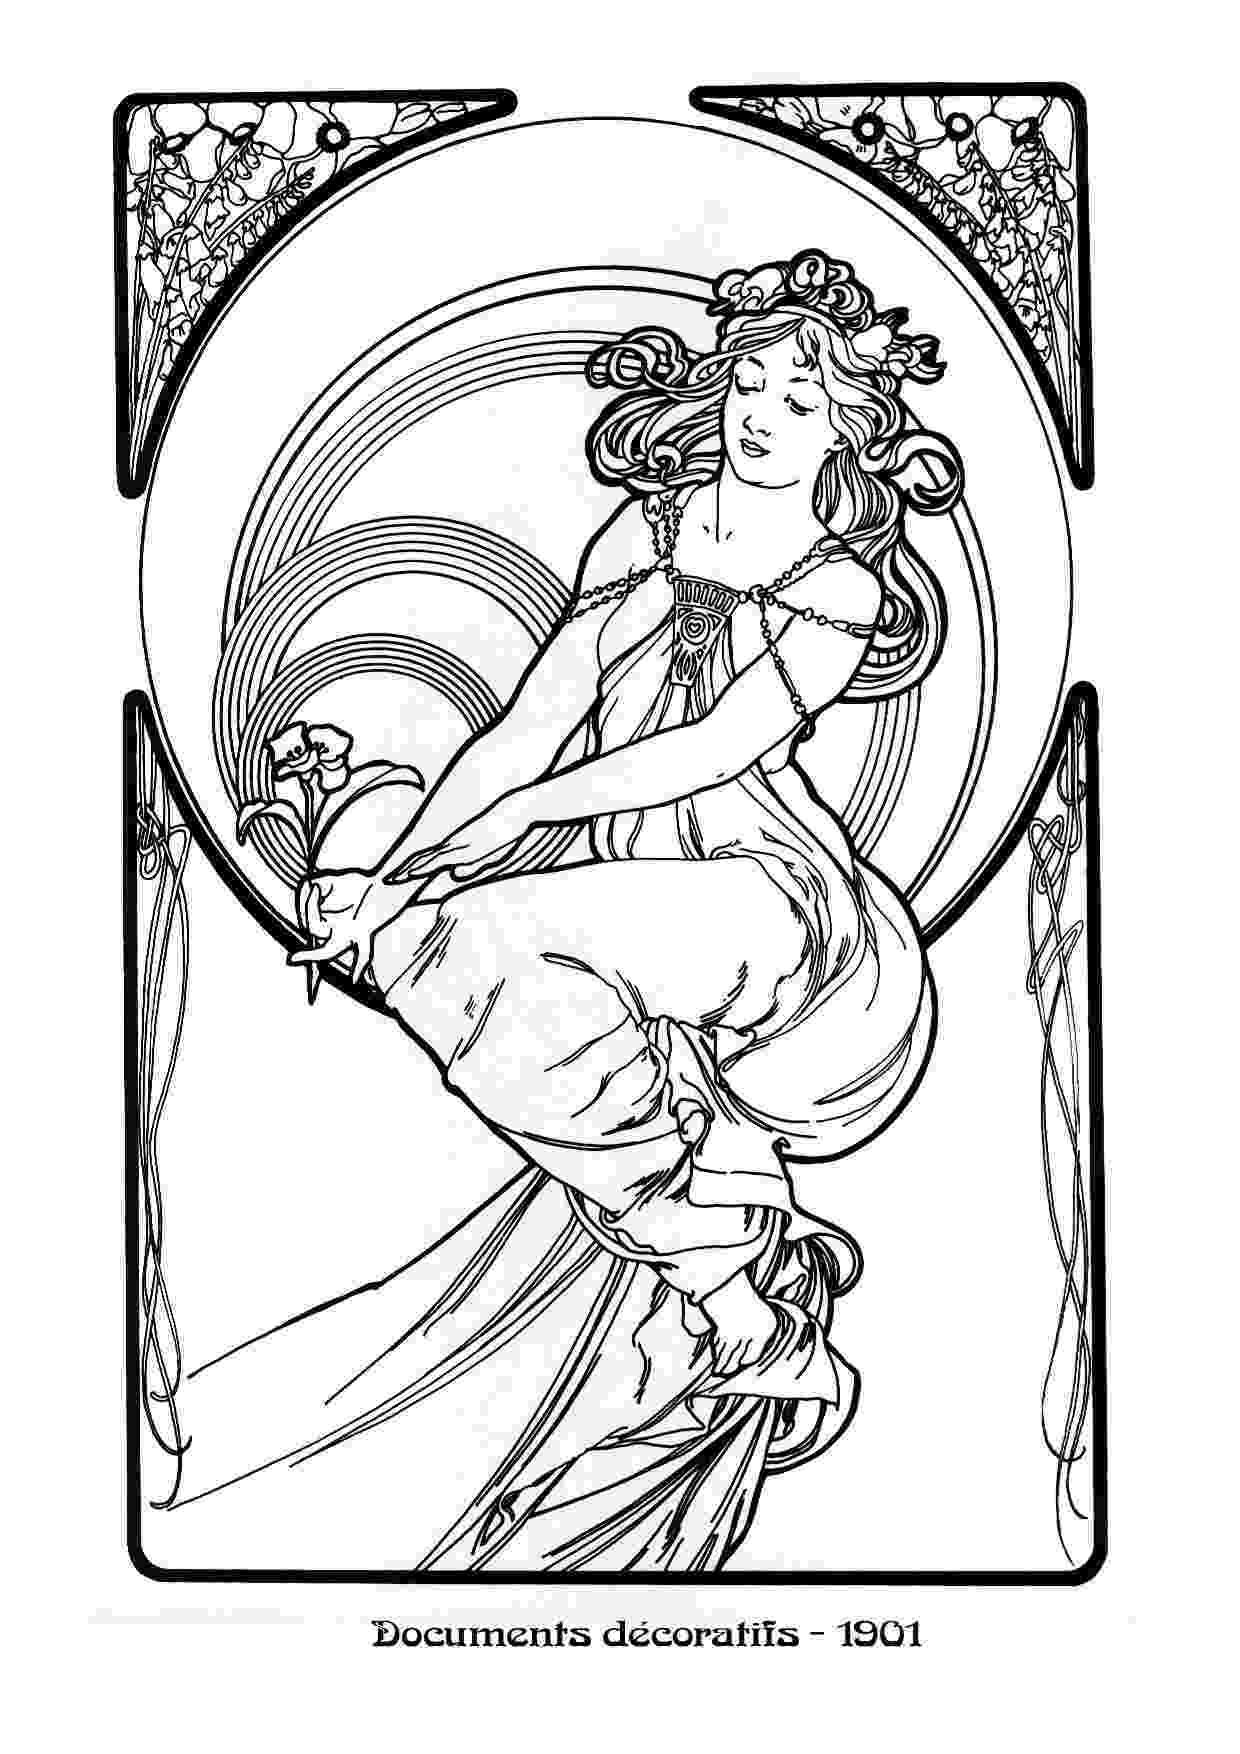 art nouveau coloring book online mucha black white04 dvdbash dvdbash online book coloring art nouveau